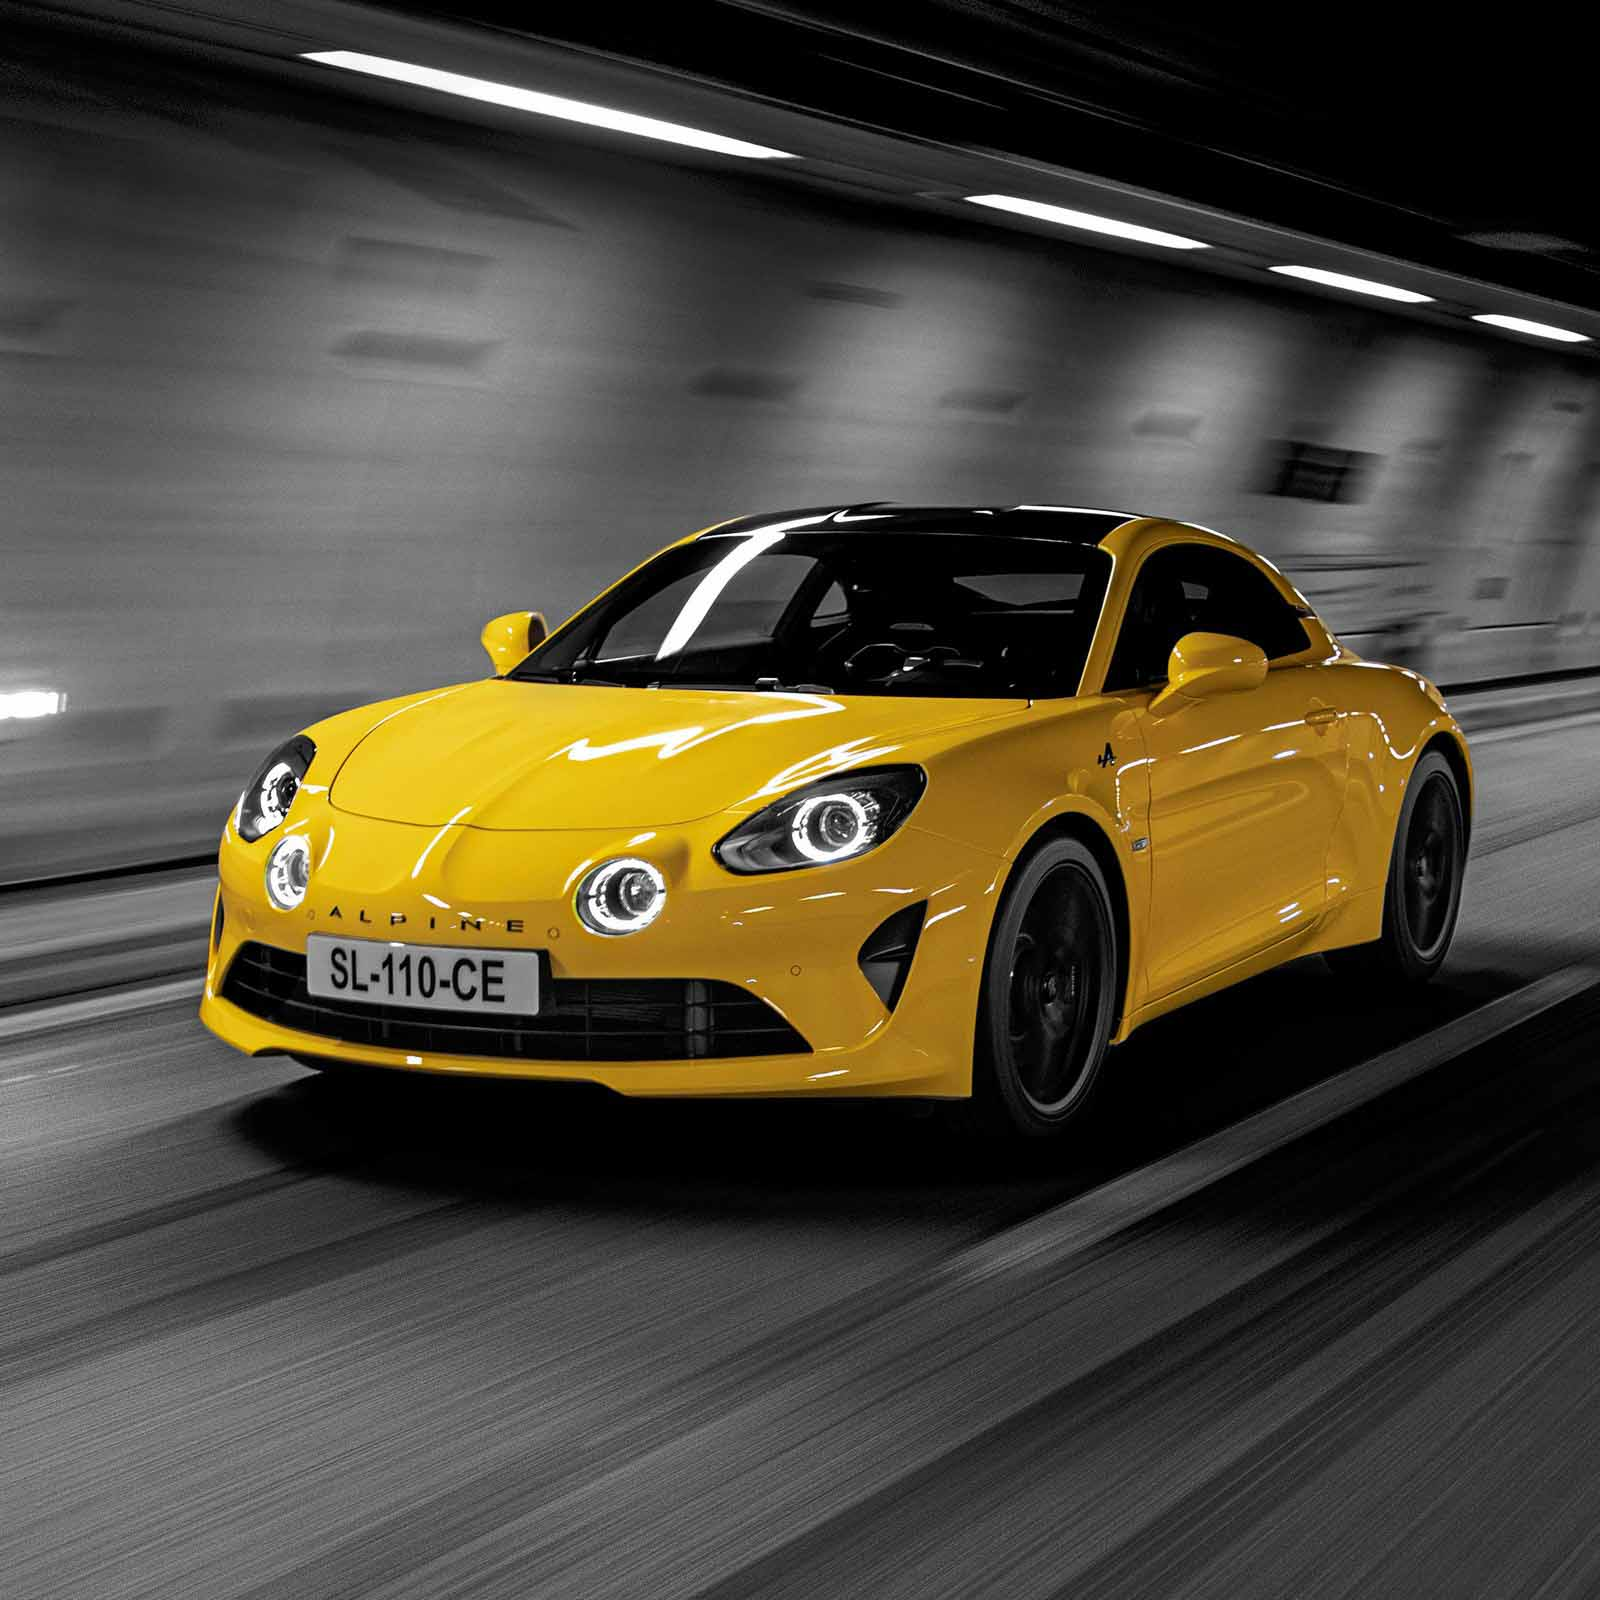 Четыре завода, несколько моделей и Alpine A110: чем пожертвует Renault, чтобы спасти бизнес?